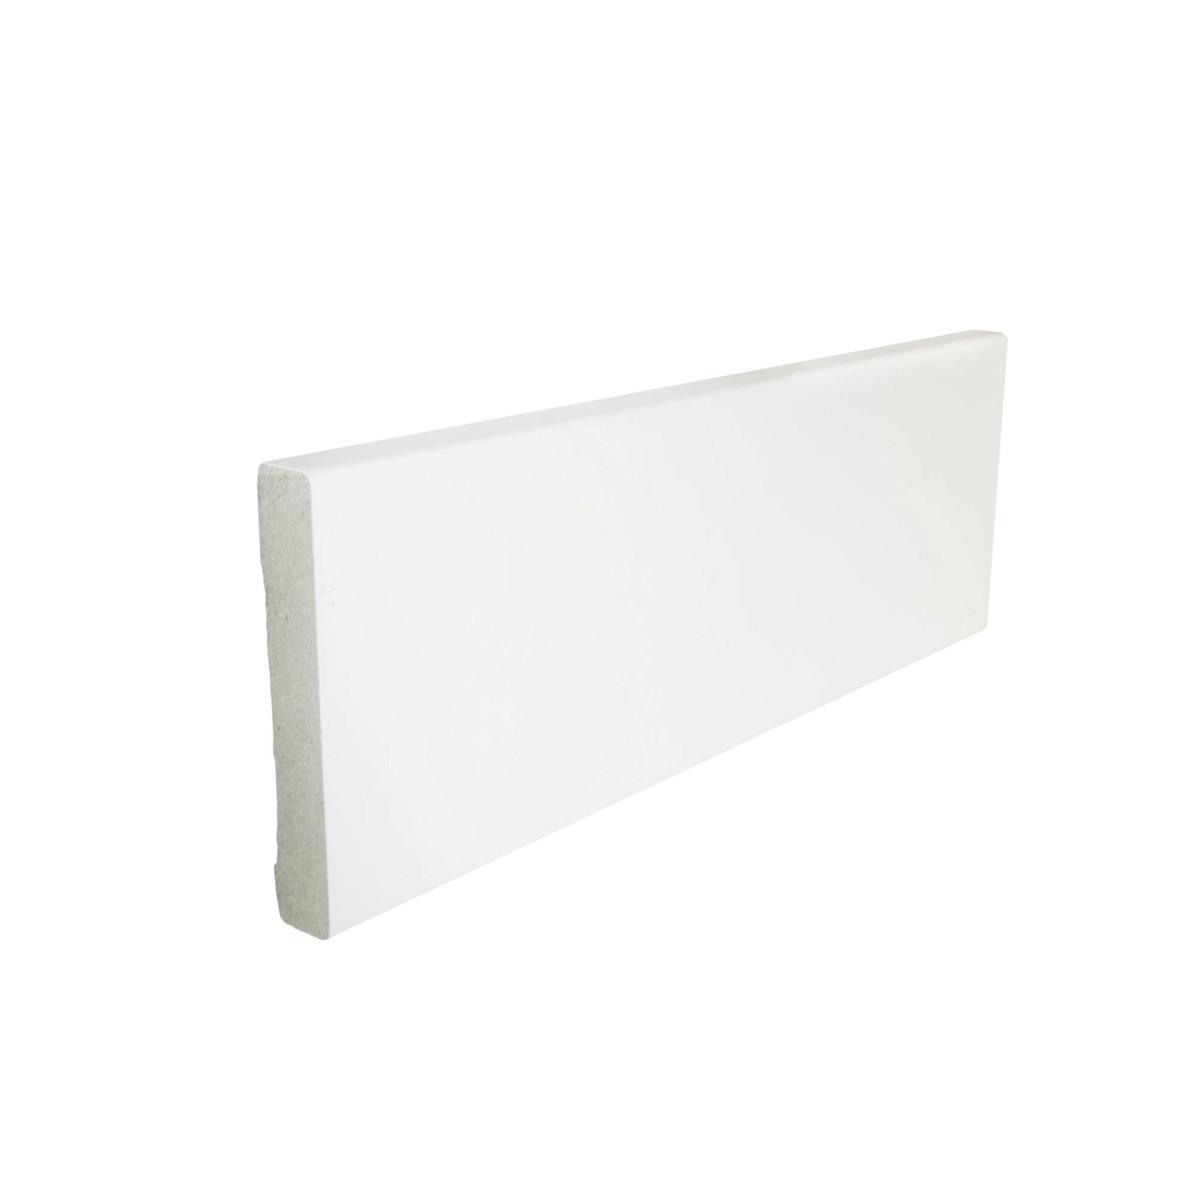 Porta a soffietto luciana bianco l 88.5 x h 214 cm: prezzi e ...